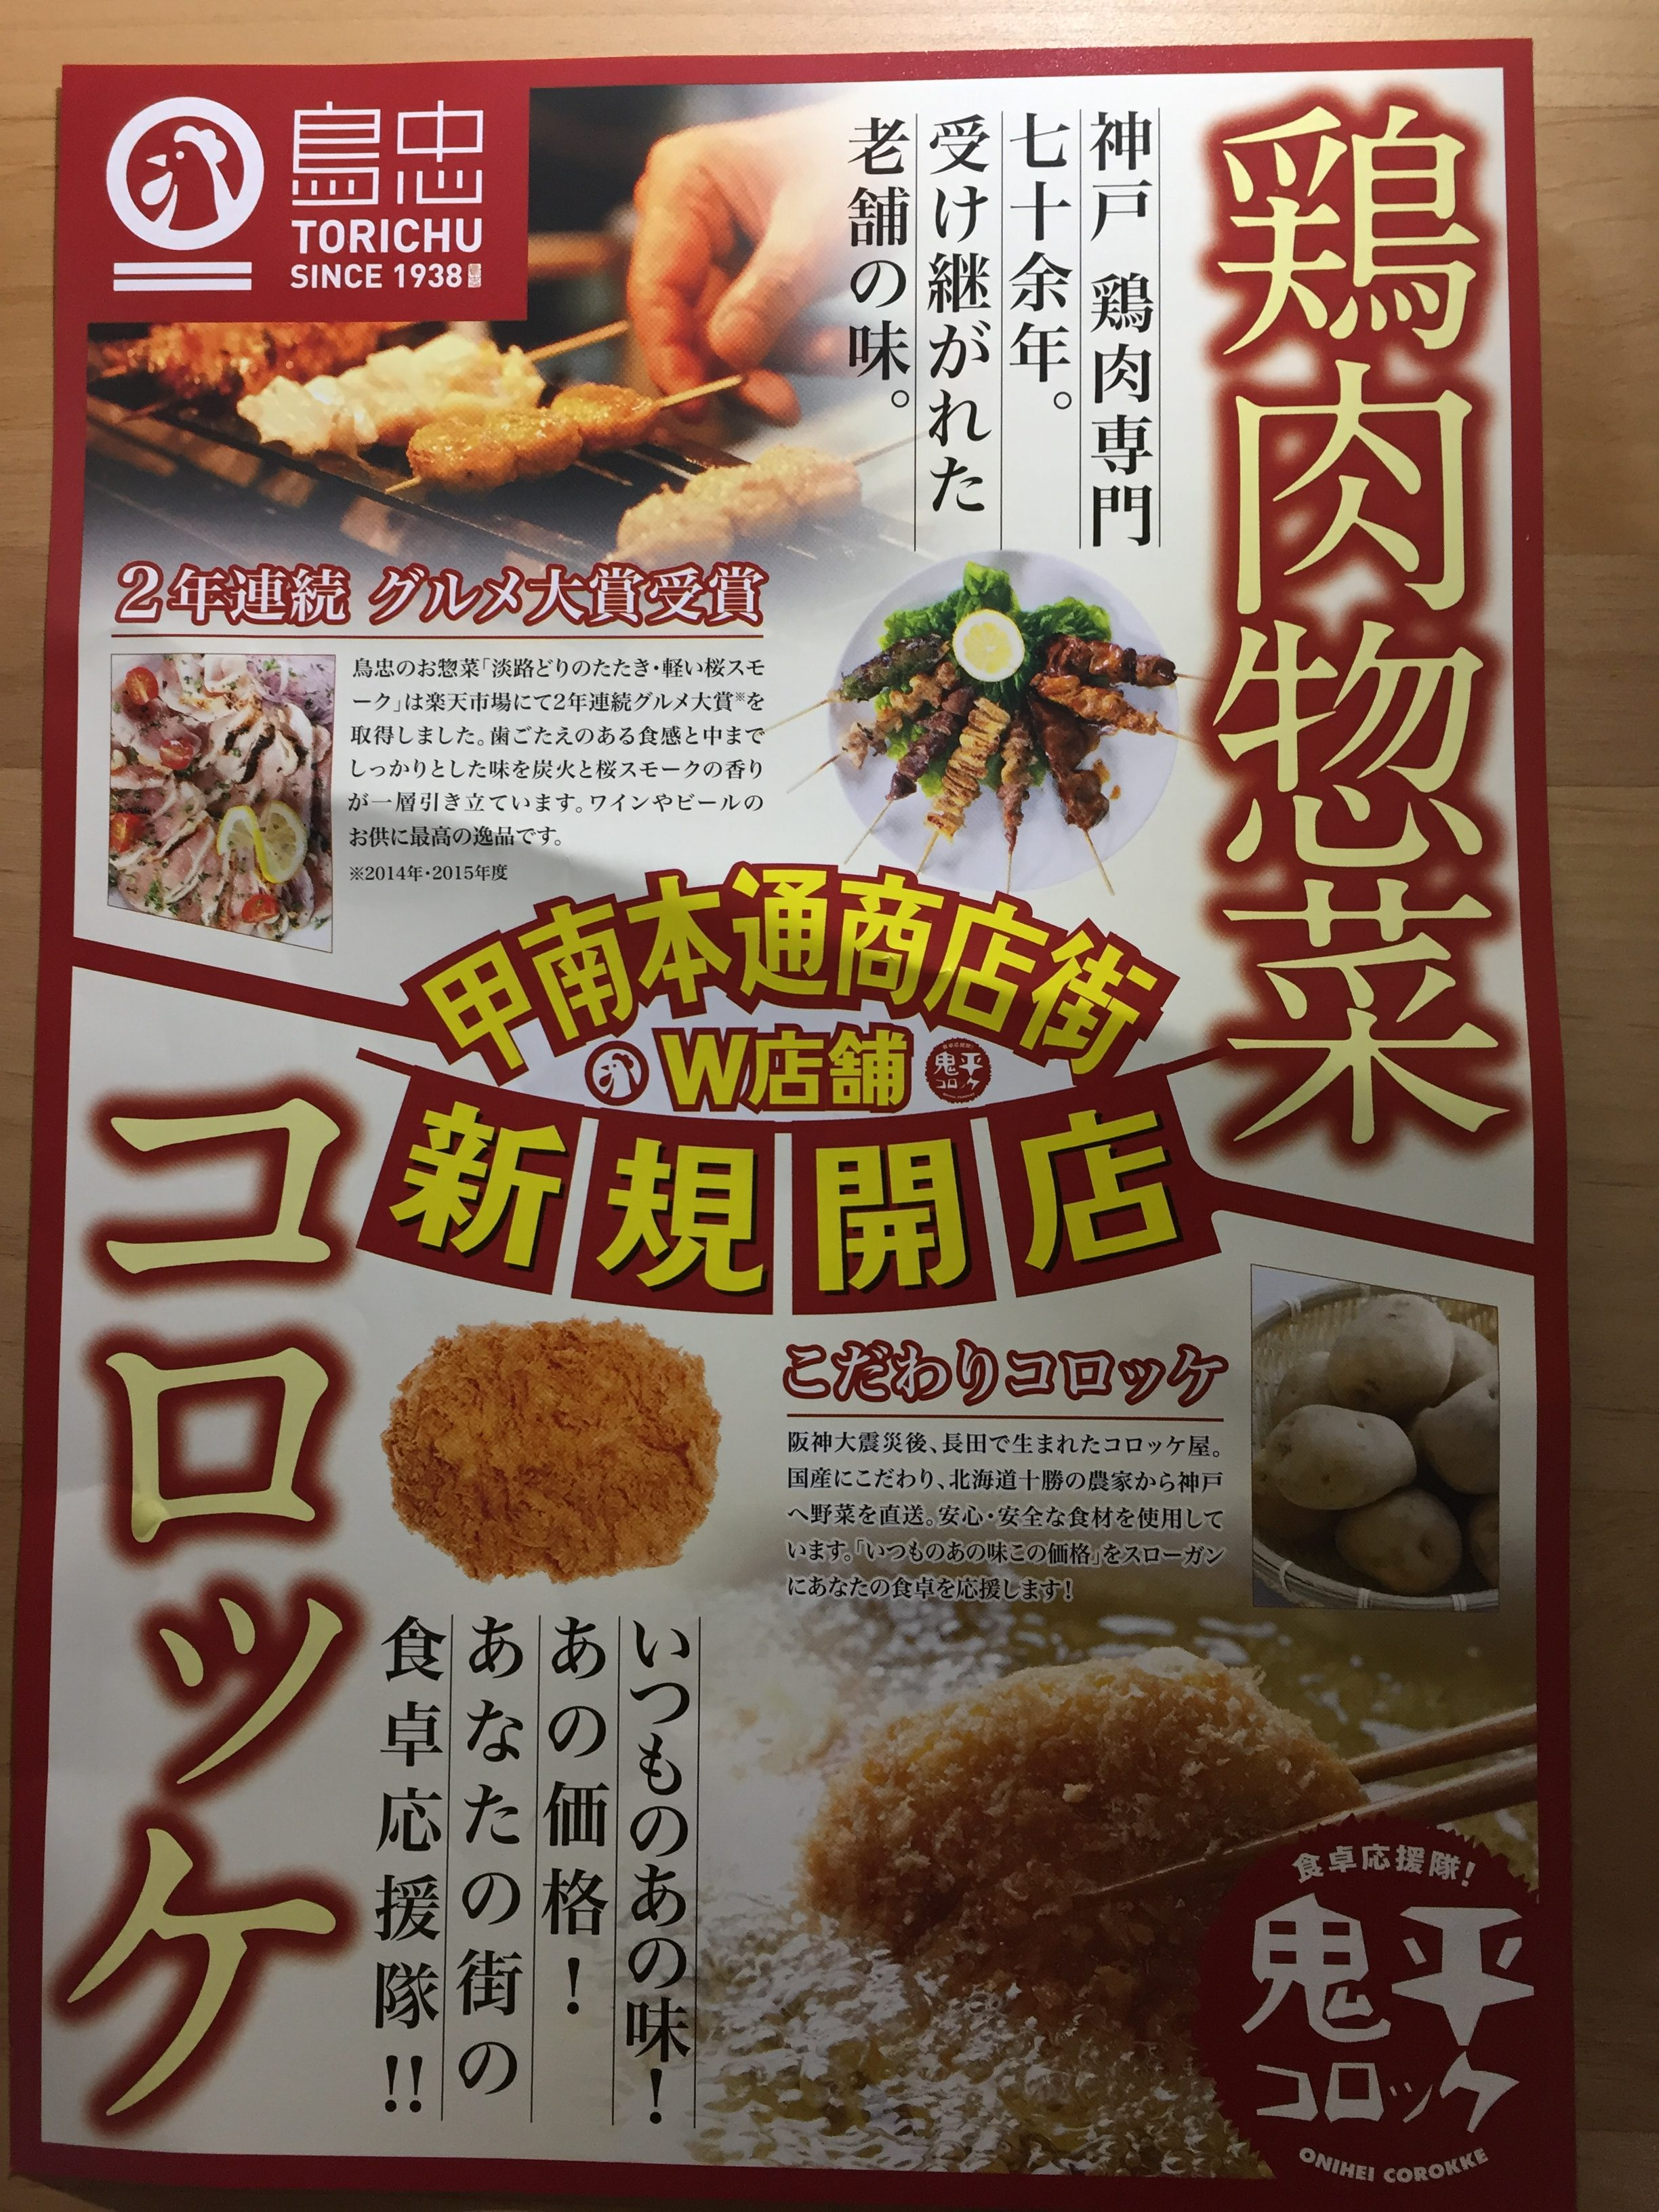 神戸・甲南本通商店街におしゃれな総菜屋「鳥忠(TORICHU)」と「鬼平(ONIHEI)コロッケ」がOPEN!【※写真レポあり※】